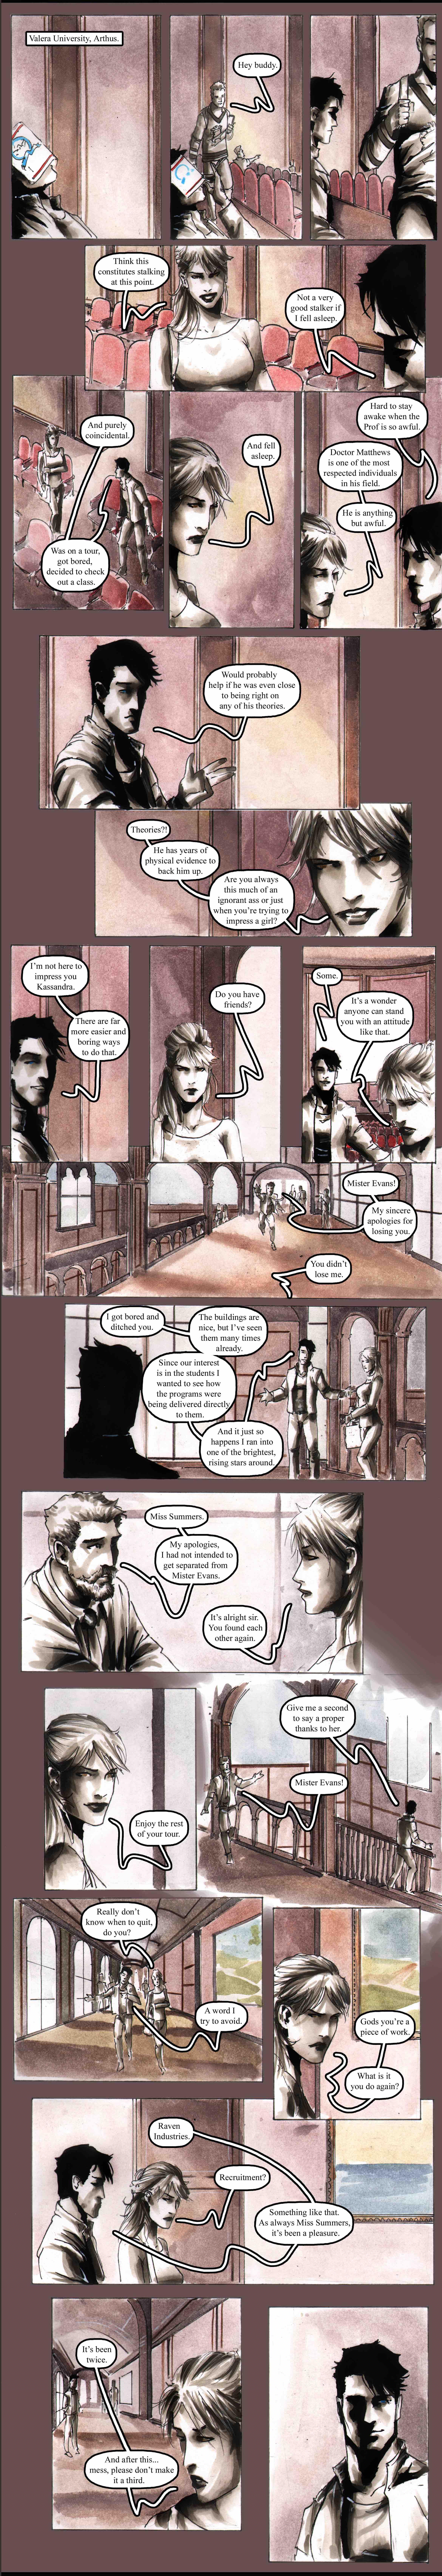 sovereigncy-scene32